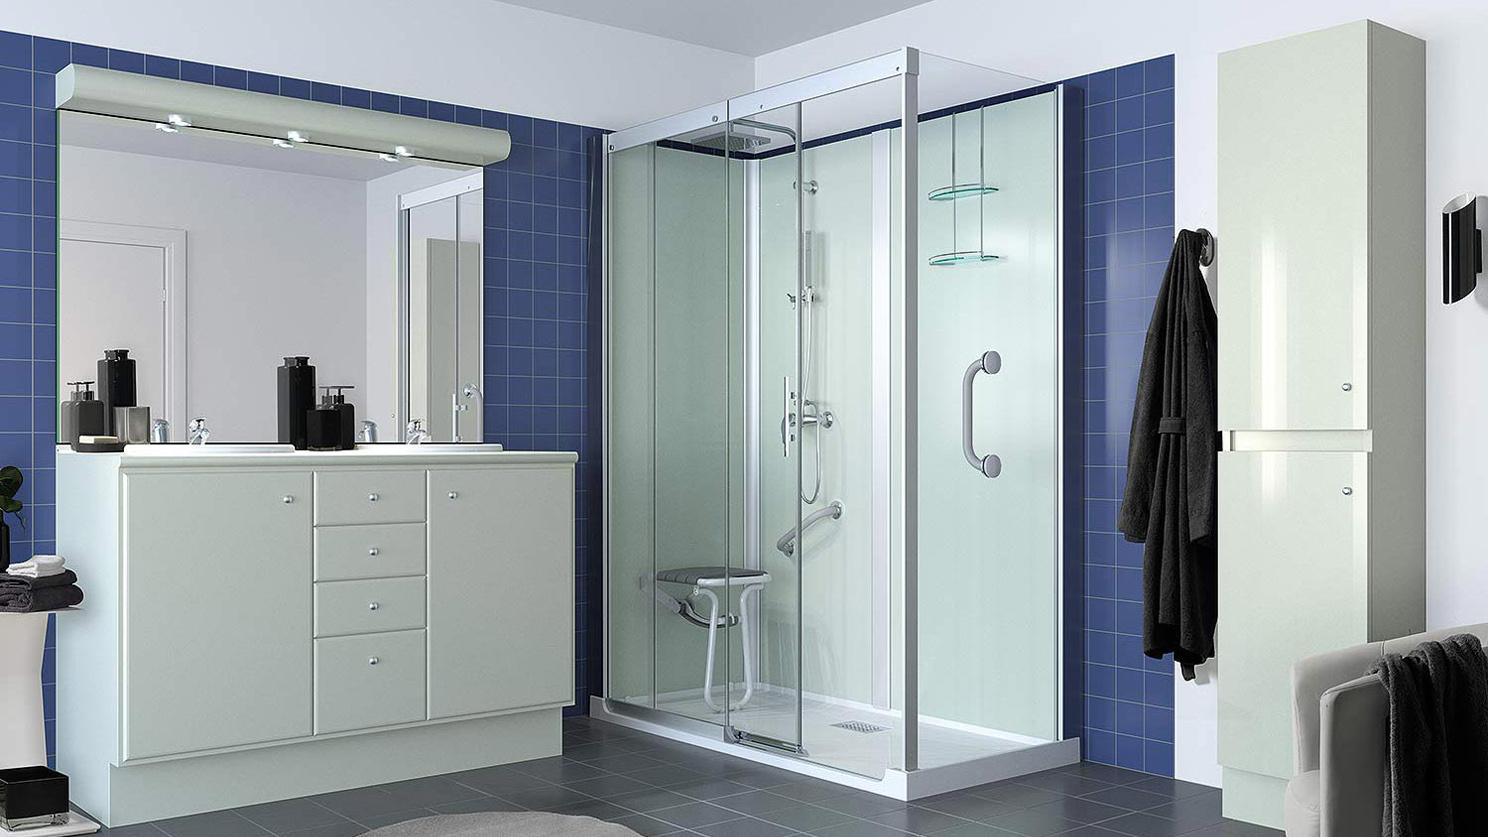 Full Size of Komplettes Schlafzimmer Bodengleiche Dusche Nachträglich Einbauen Badewanne Mit Set Günstig Komplette Breuer Duschen Mischbatterie Barrierefreie Glaswand Dusche Dusche Komplett Set